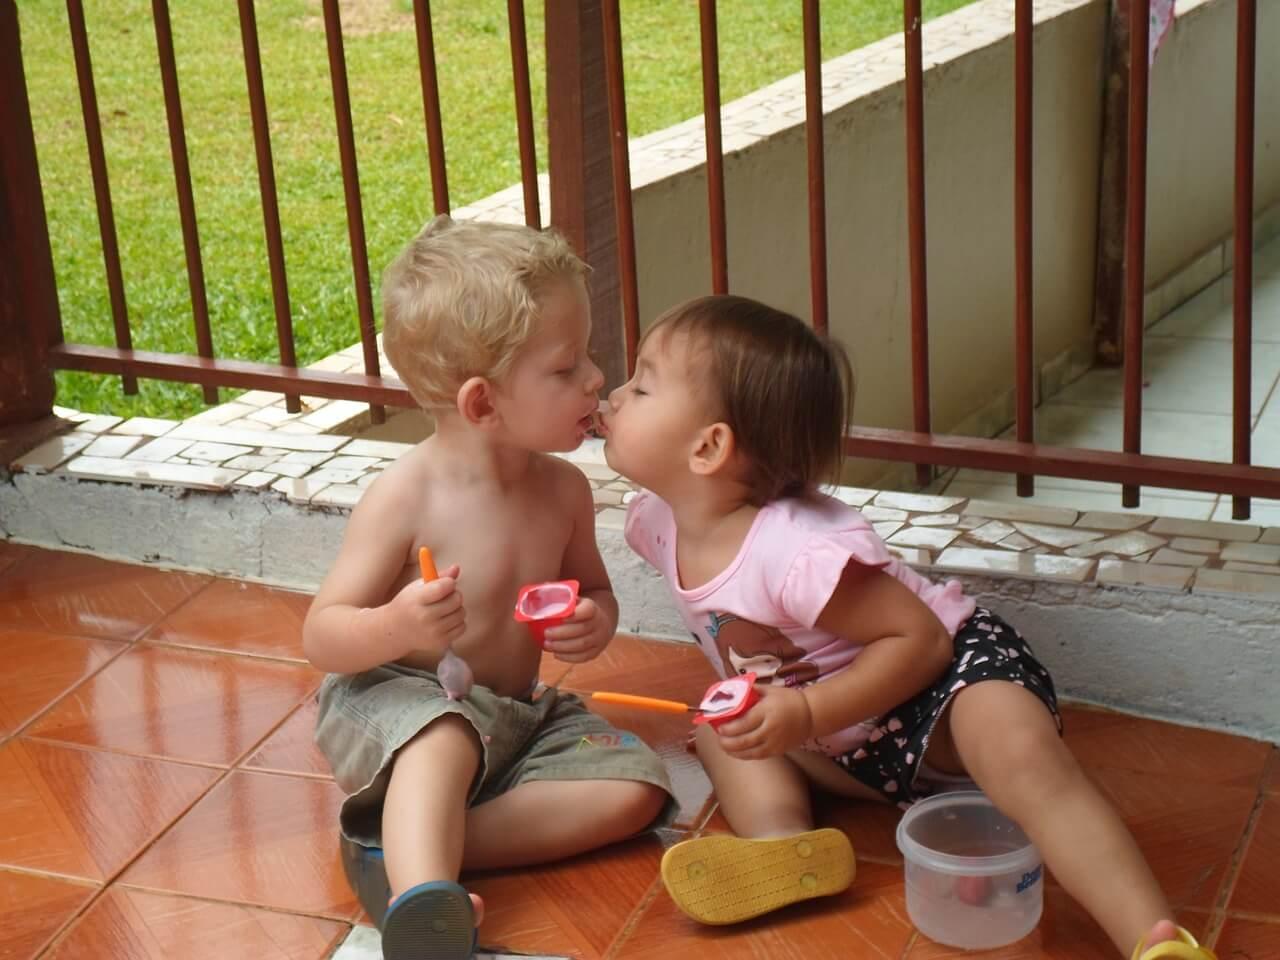 Frauen und der erste Kuss beim Date